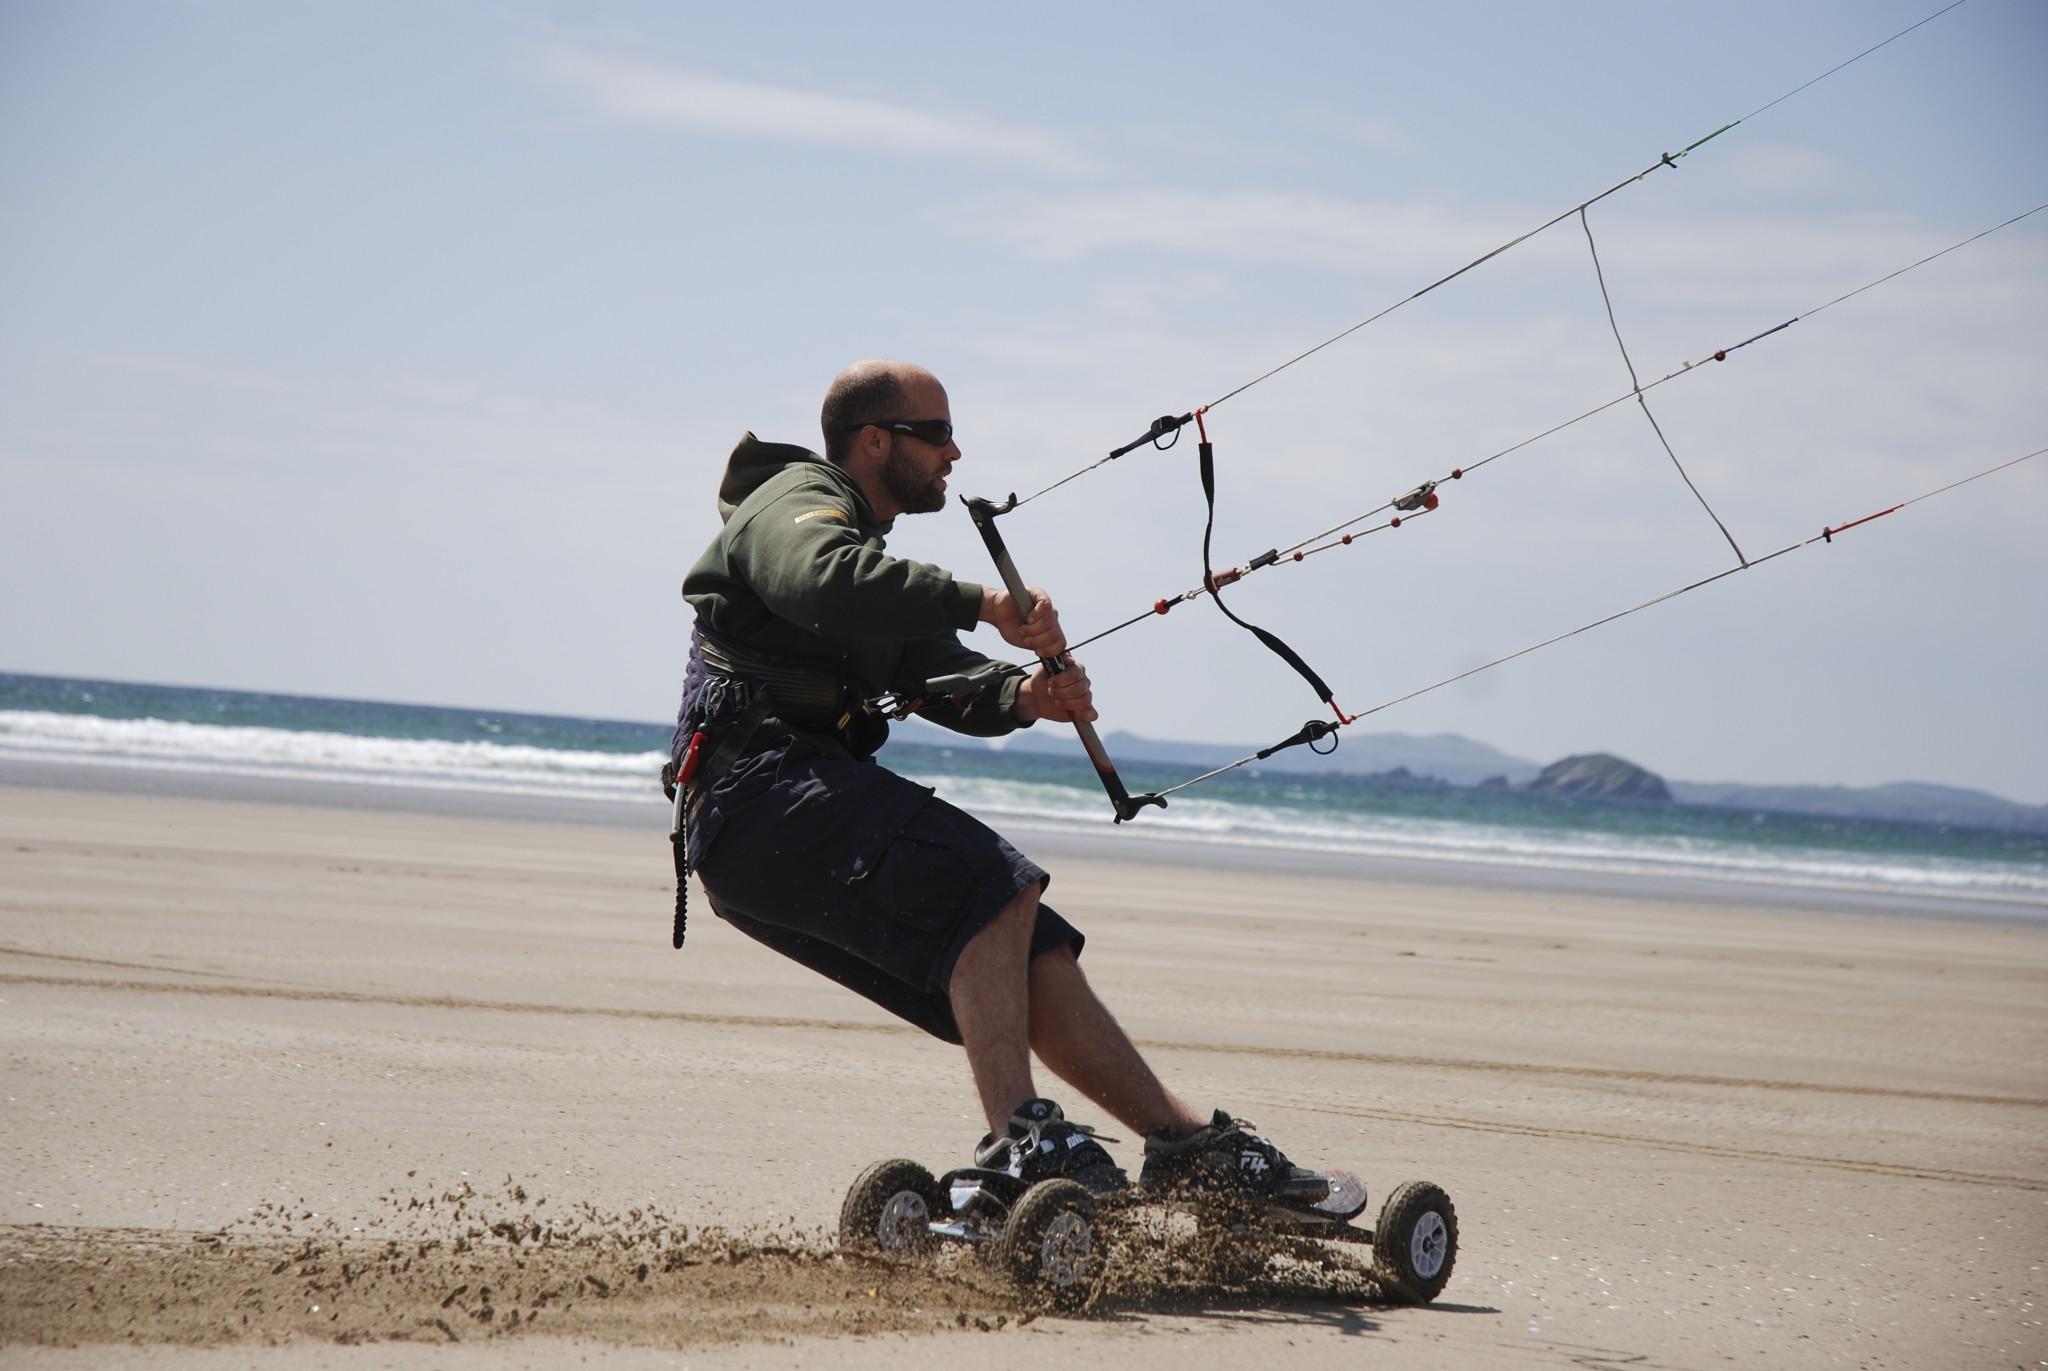 Beginner Kitesurfing Lessons Pembrokeshire